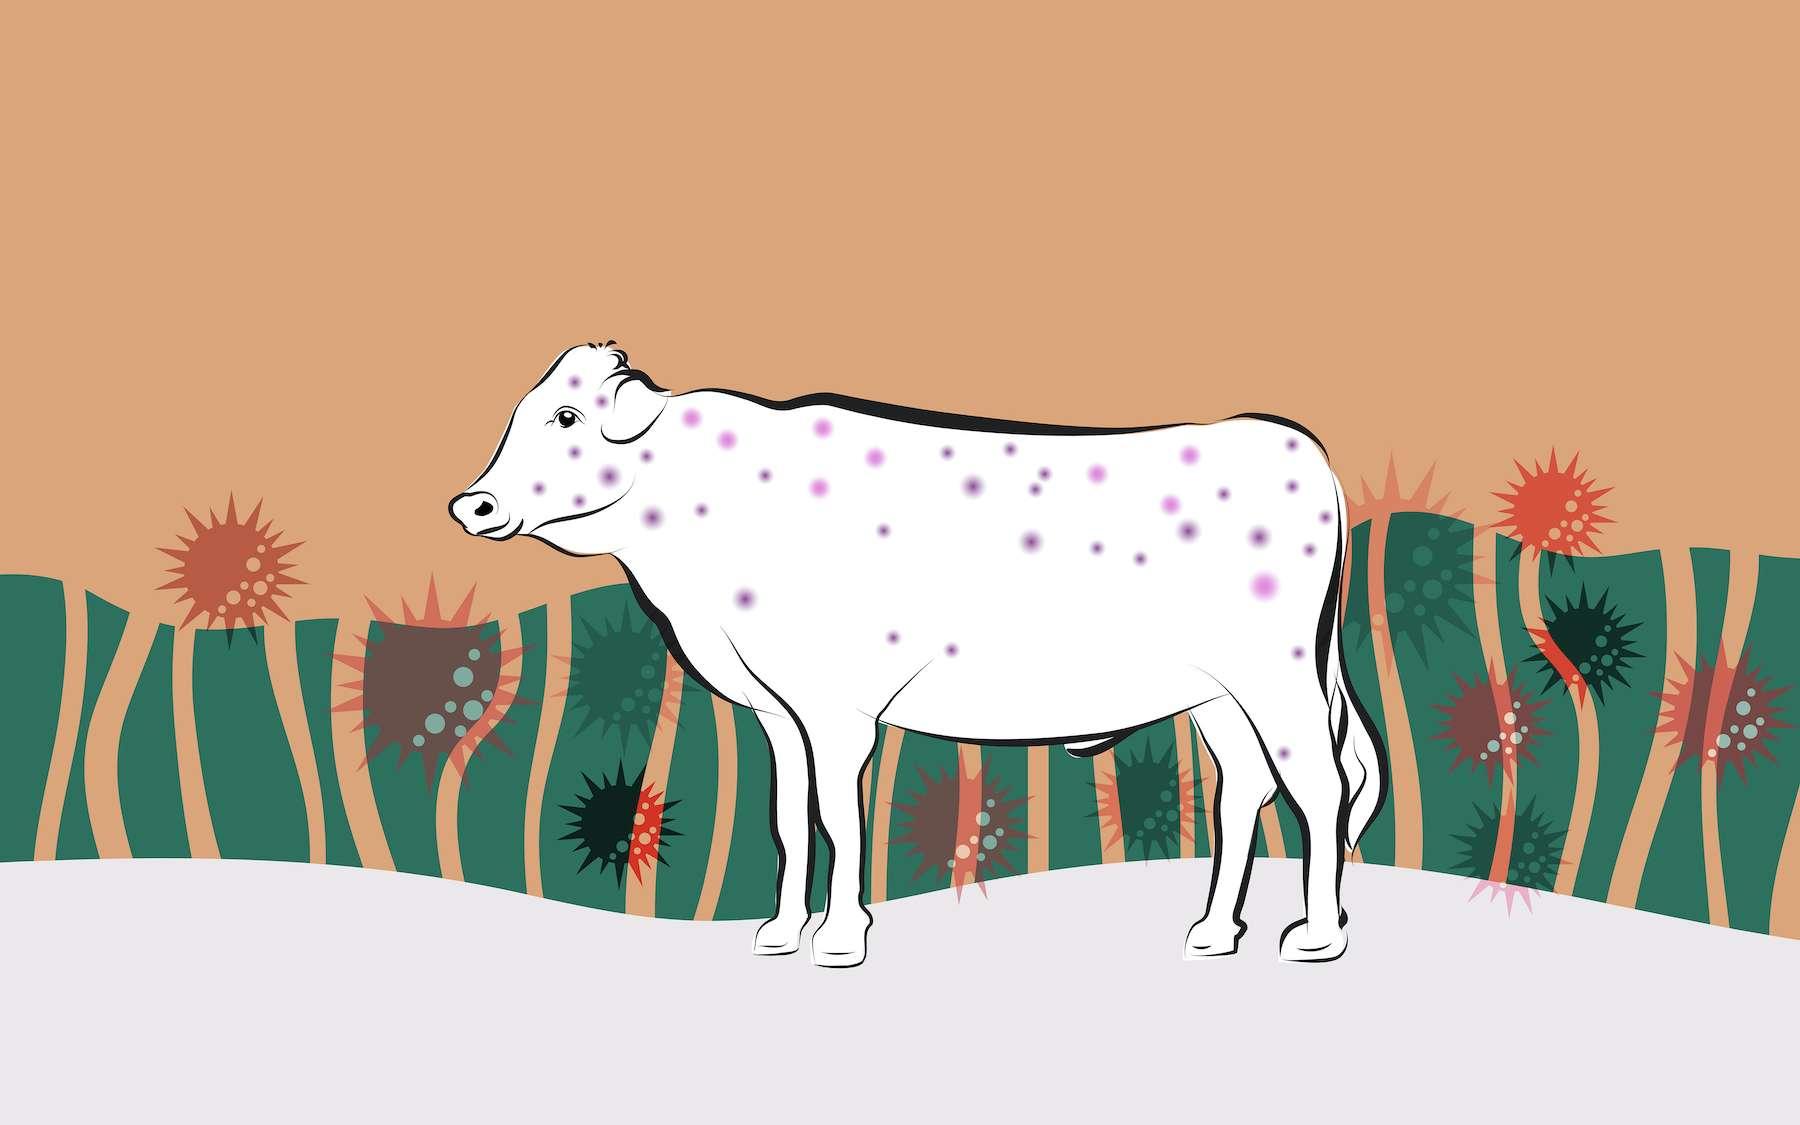 Le système immunitaire des premiers éleveurs s'est adapté en réponse à la hausse des agents pathogènes. © Montrey, Adobe Stock